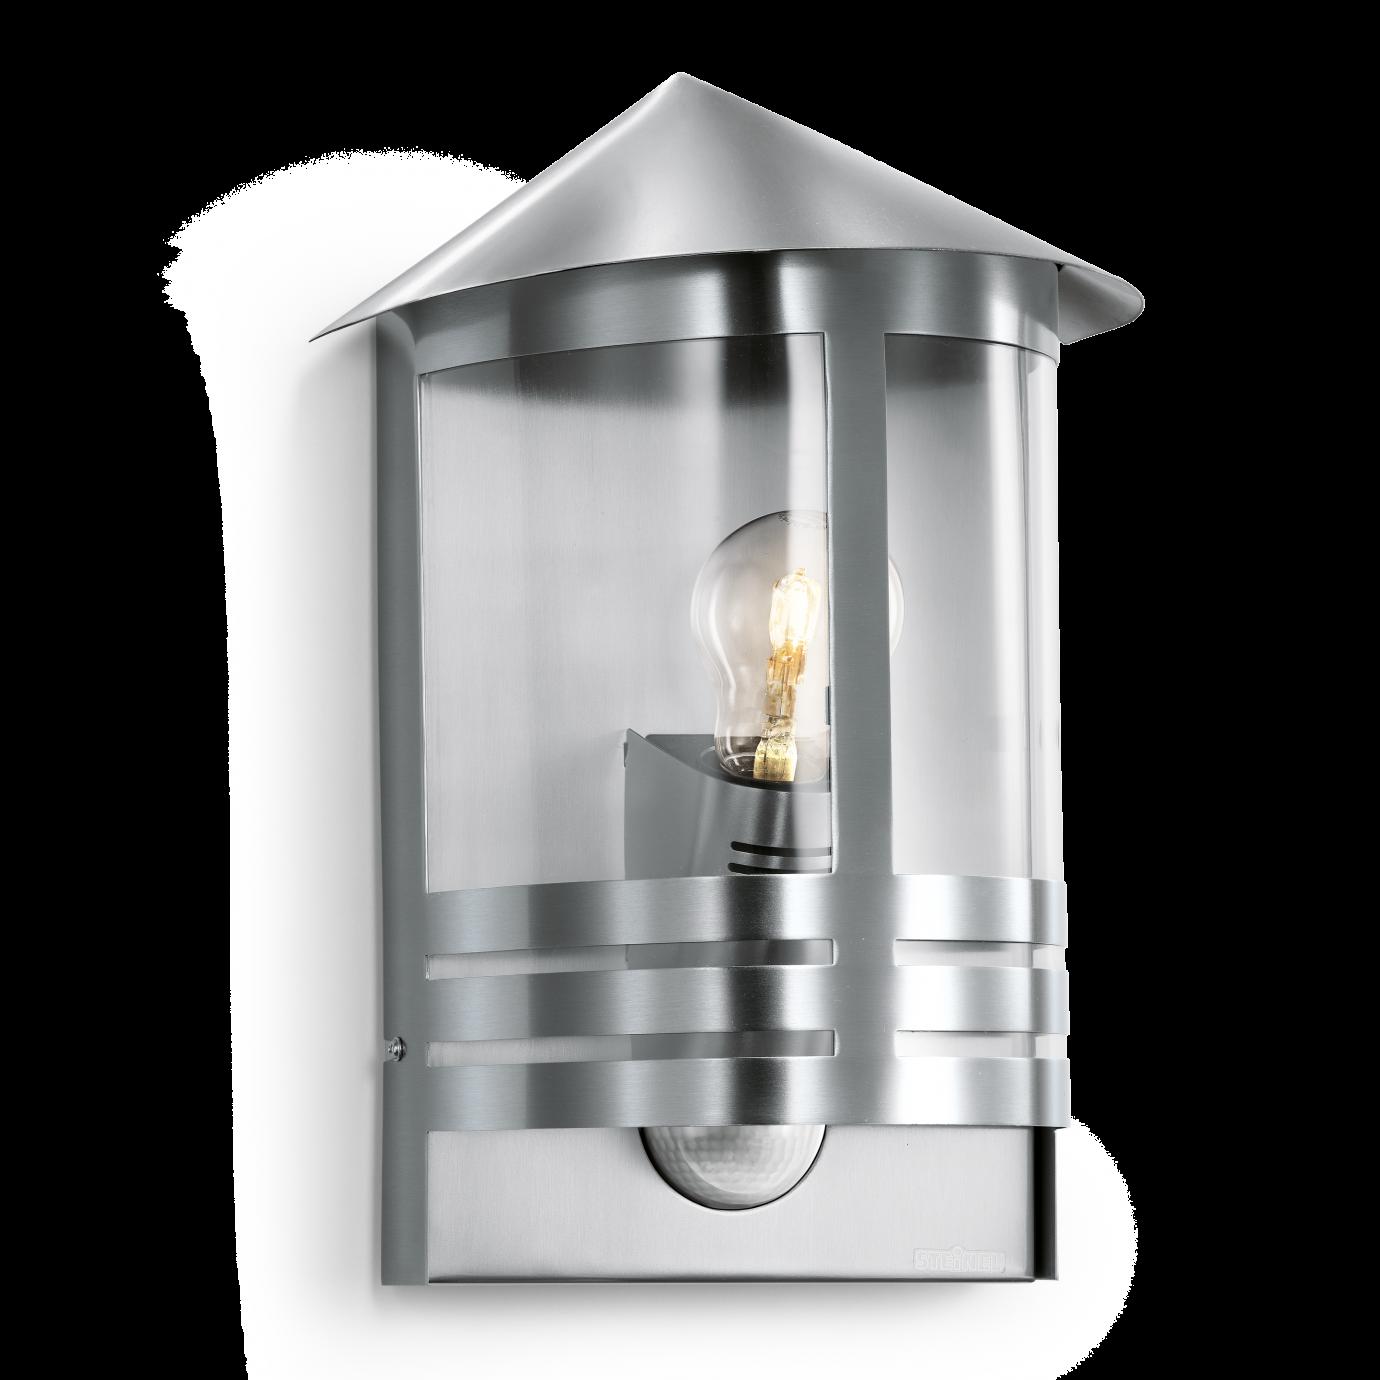 Steinel Lampa Z Czujnikiem Ruchu L 170 S 100w E27 Stal Nierdzewna St645311